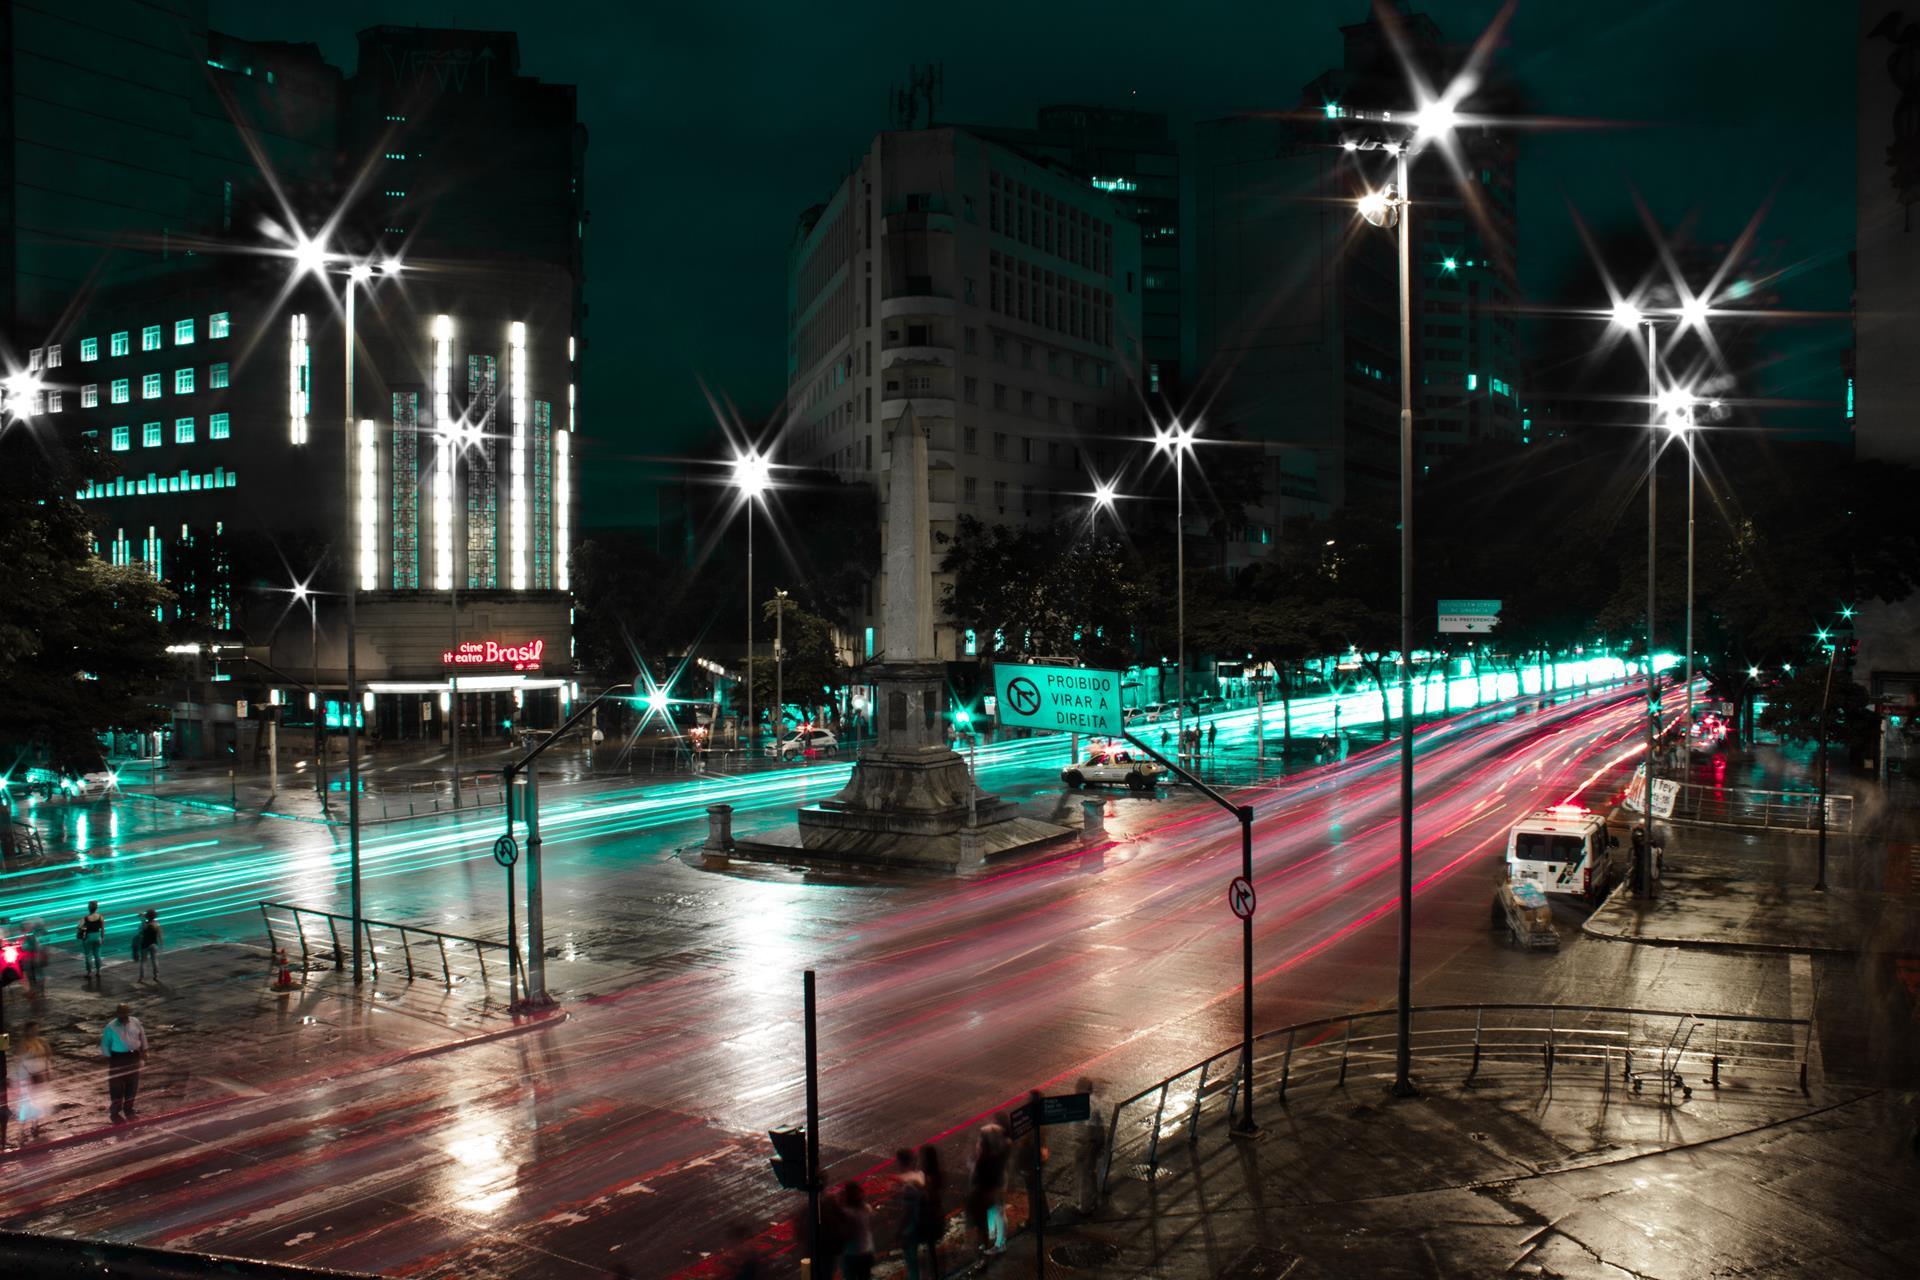 A imagem mostra uma avenida movimentada de Belo Horizonte.